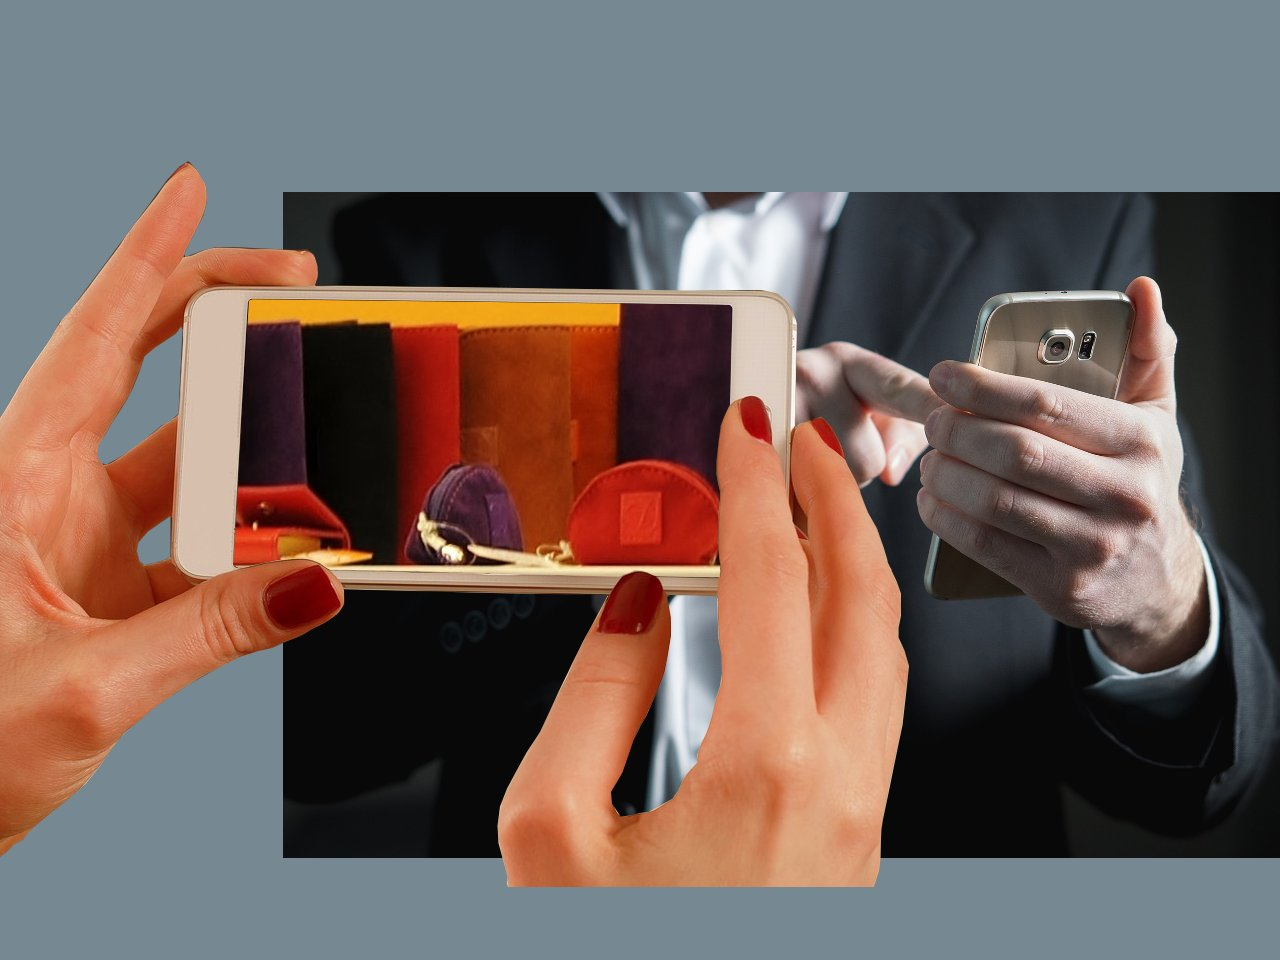 Manos con teléfonos móviles mostrando la web